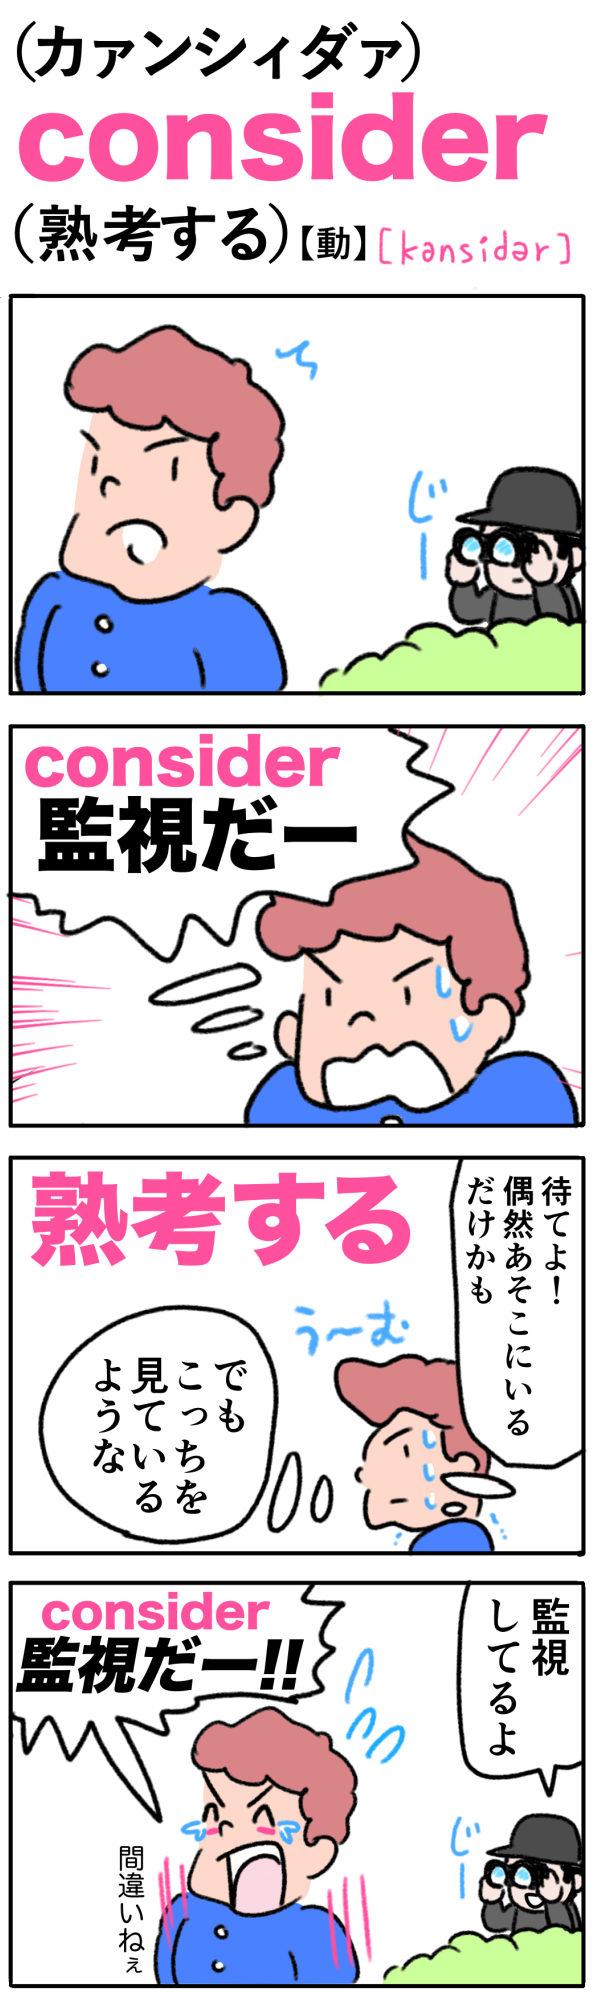 consider(熟考する)の語呂合わせ英単語